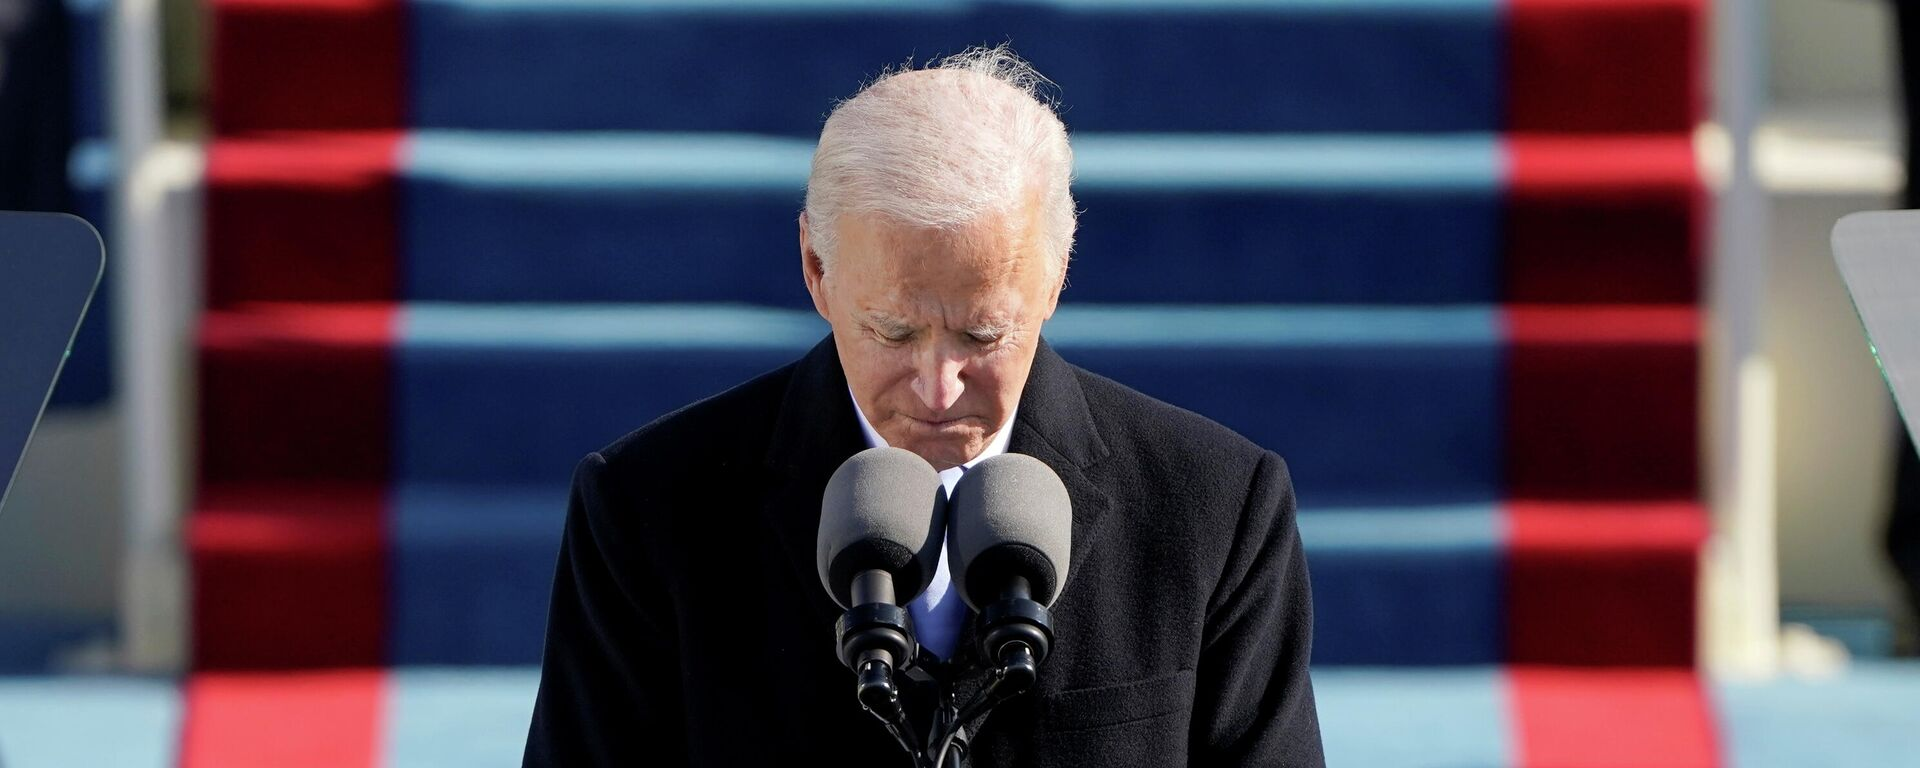 Joe Biden hält seine erste Rede als US-Präsident - SNA, 1920, 20.01.2021